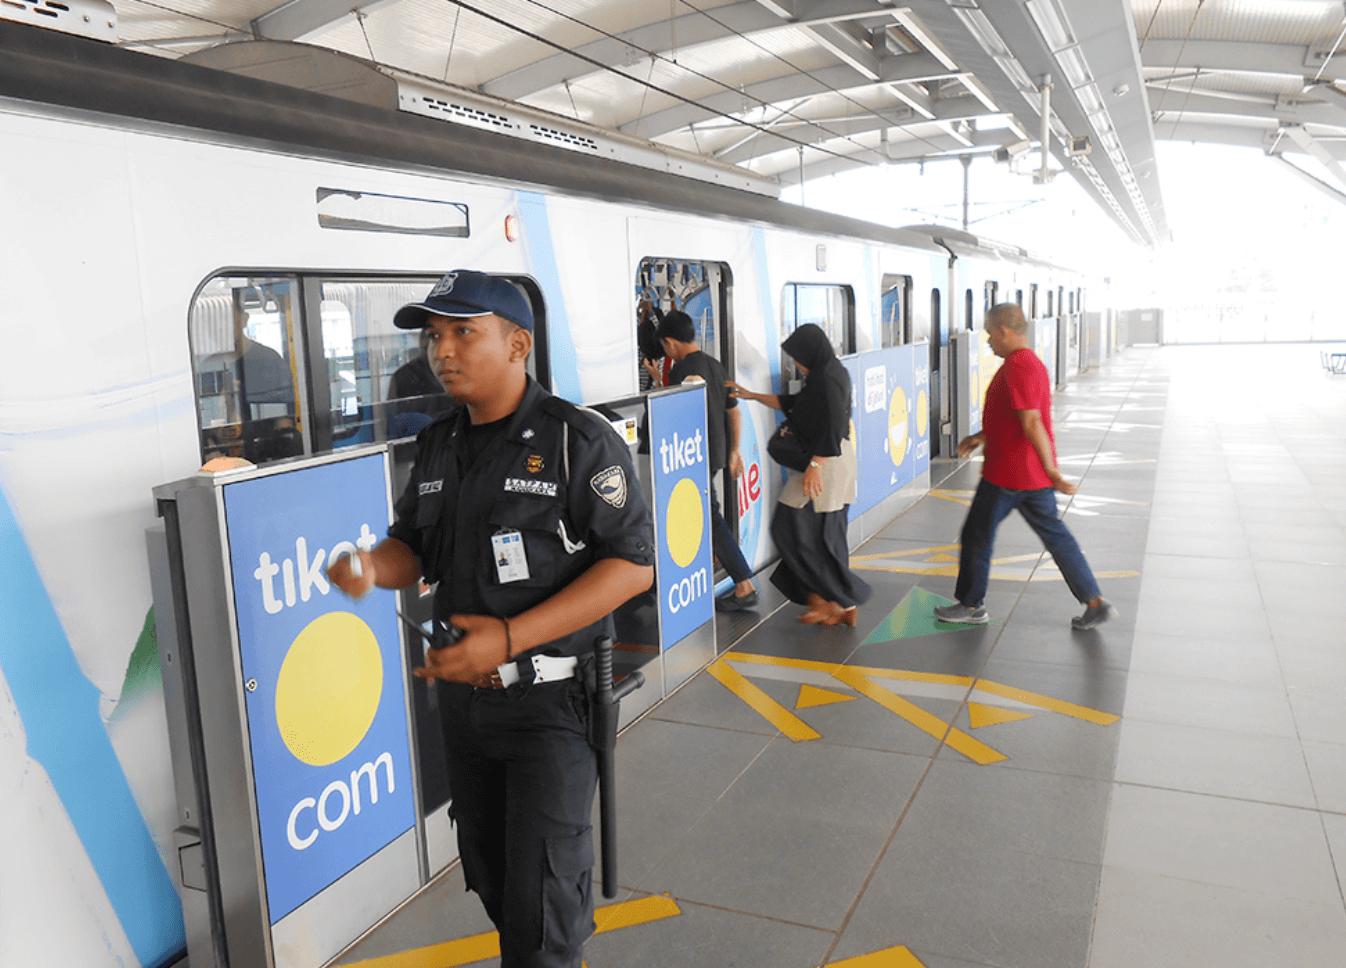 インドネシア:① 日本人鉄道マン奔走 8月大停電 MRT停止 乗客避難の舞台裏